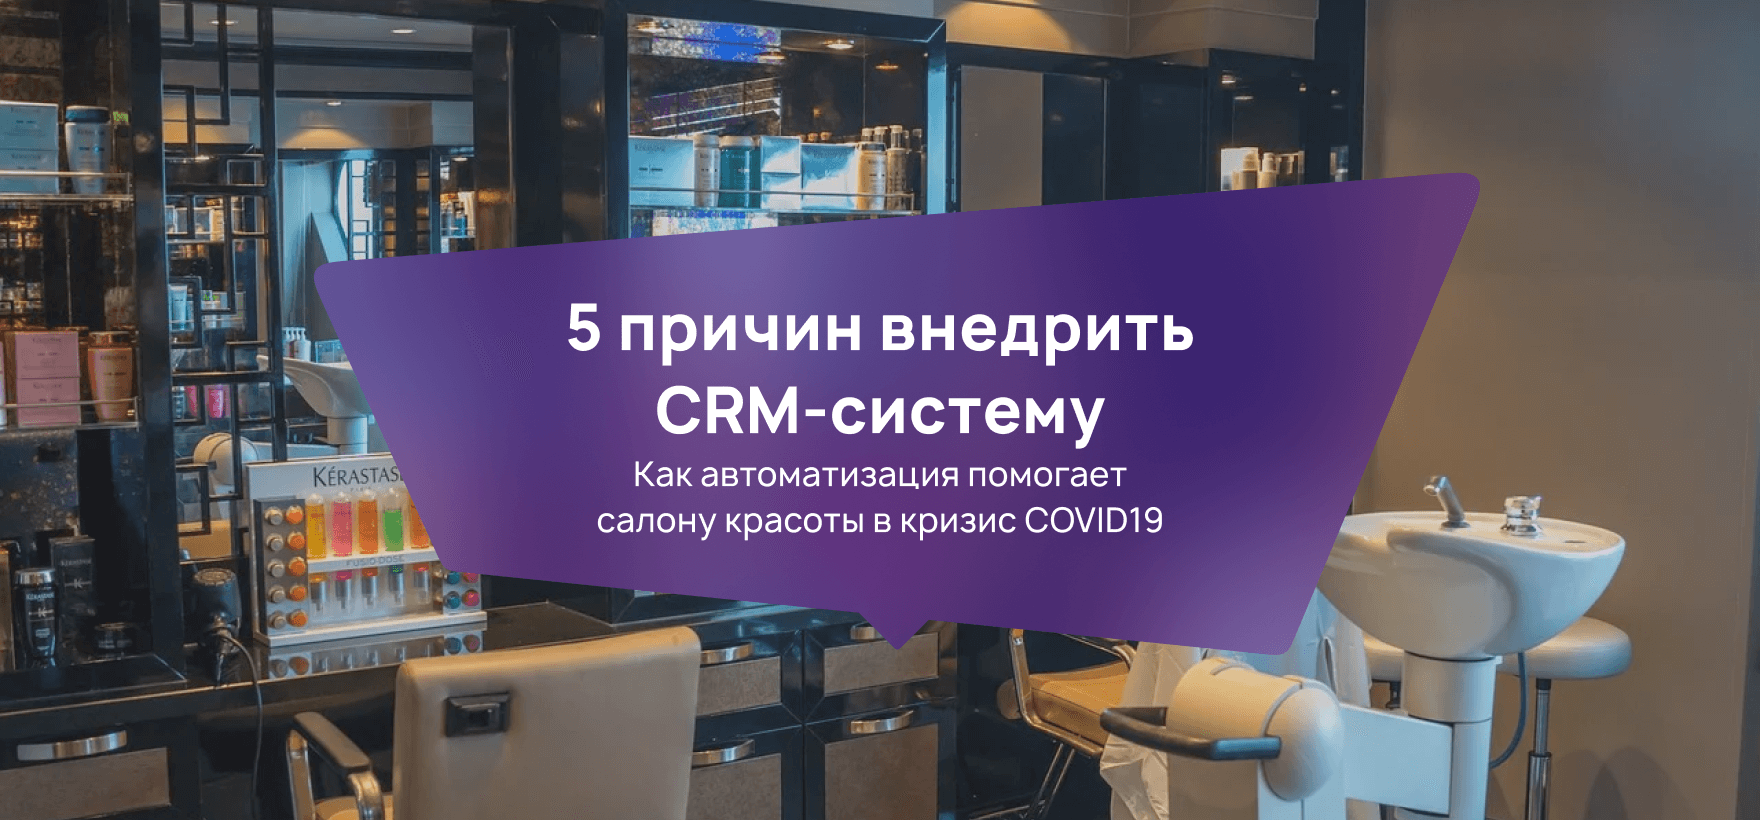 5 причин внедрить CRM систему: как автоматизация помогает салону красоты в кризис COVID19?